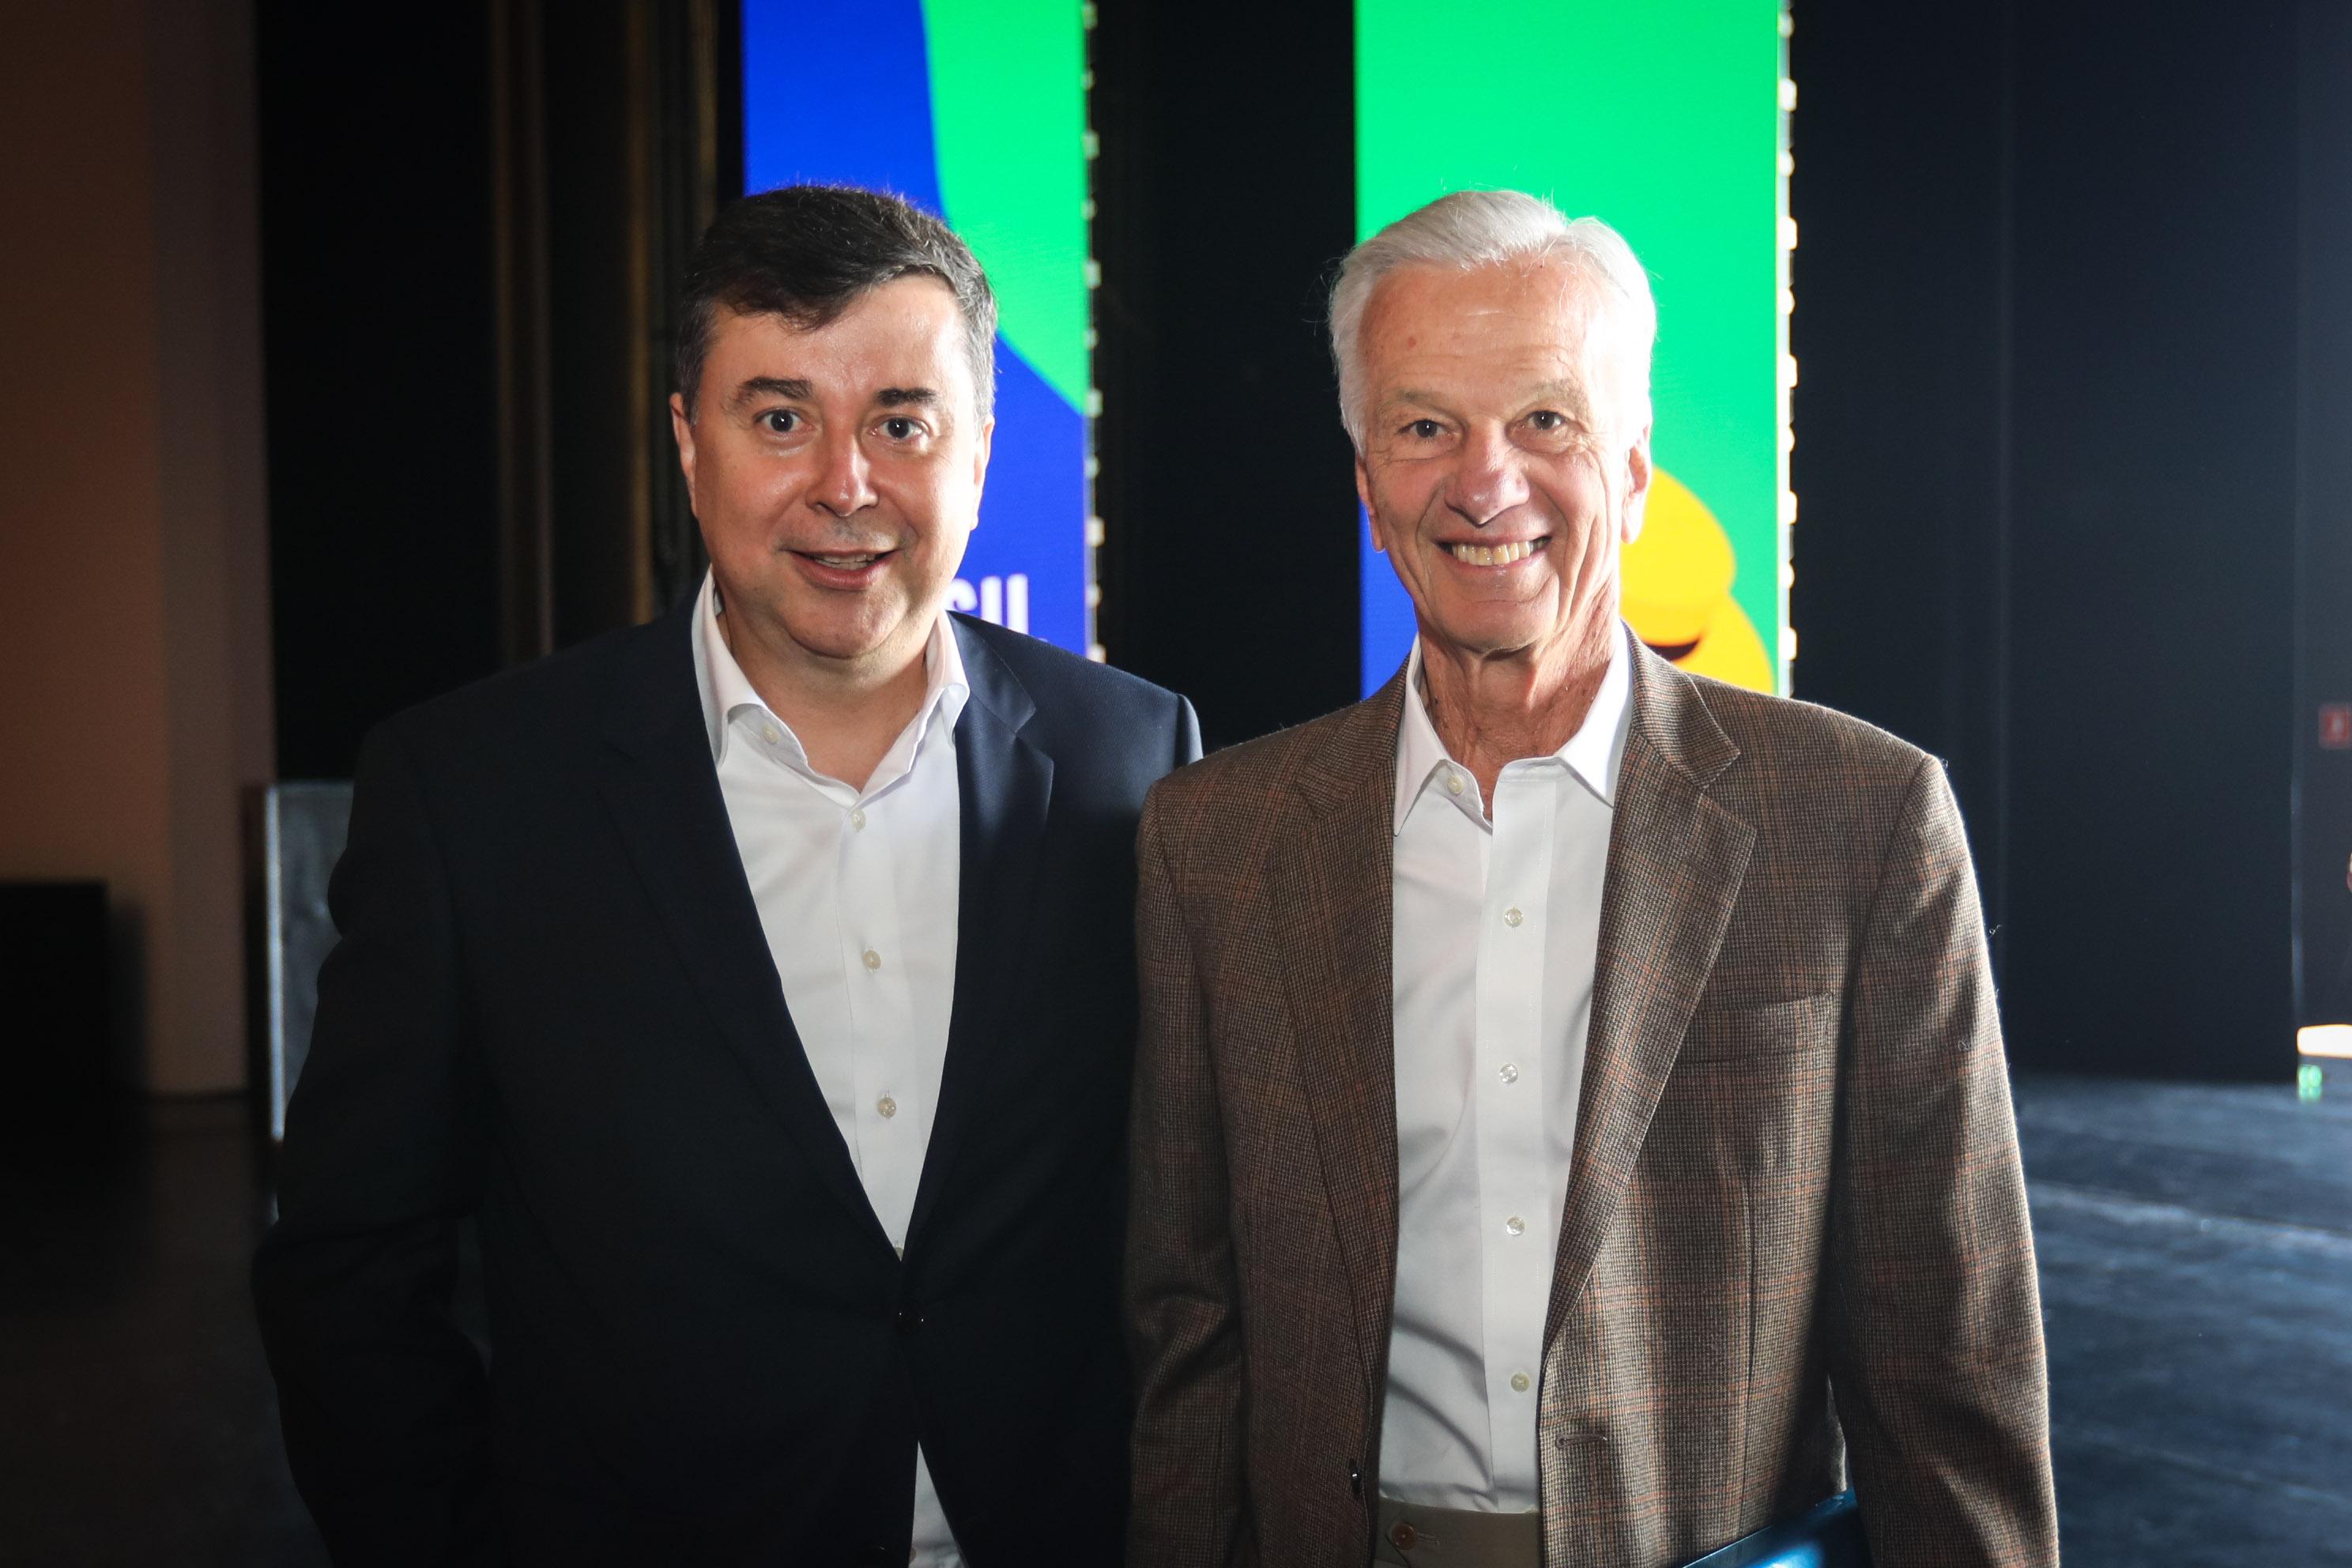 Jorge Paulo Lemann, da Fundação Lemann, com o presidente do Google Brasil, Fabio Coelho (Foto: Divulgação)